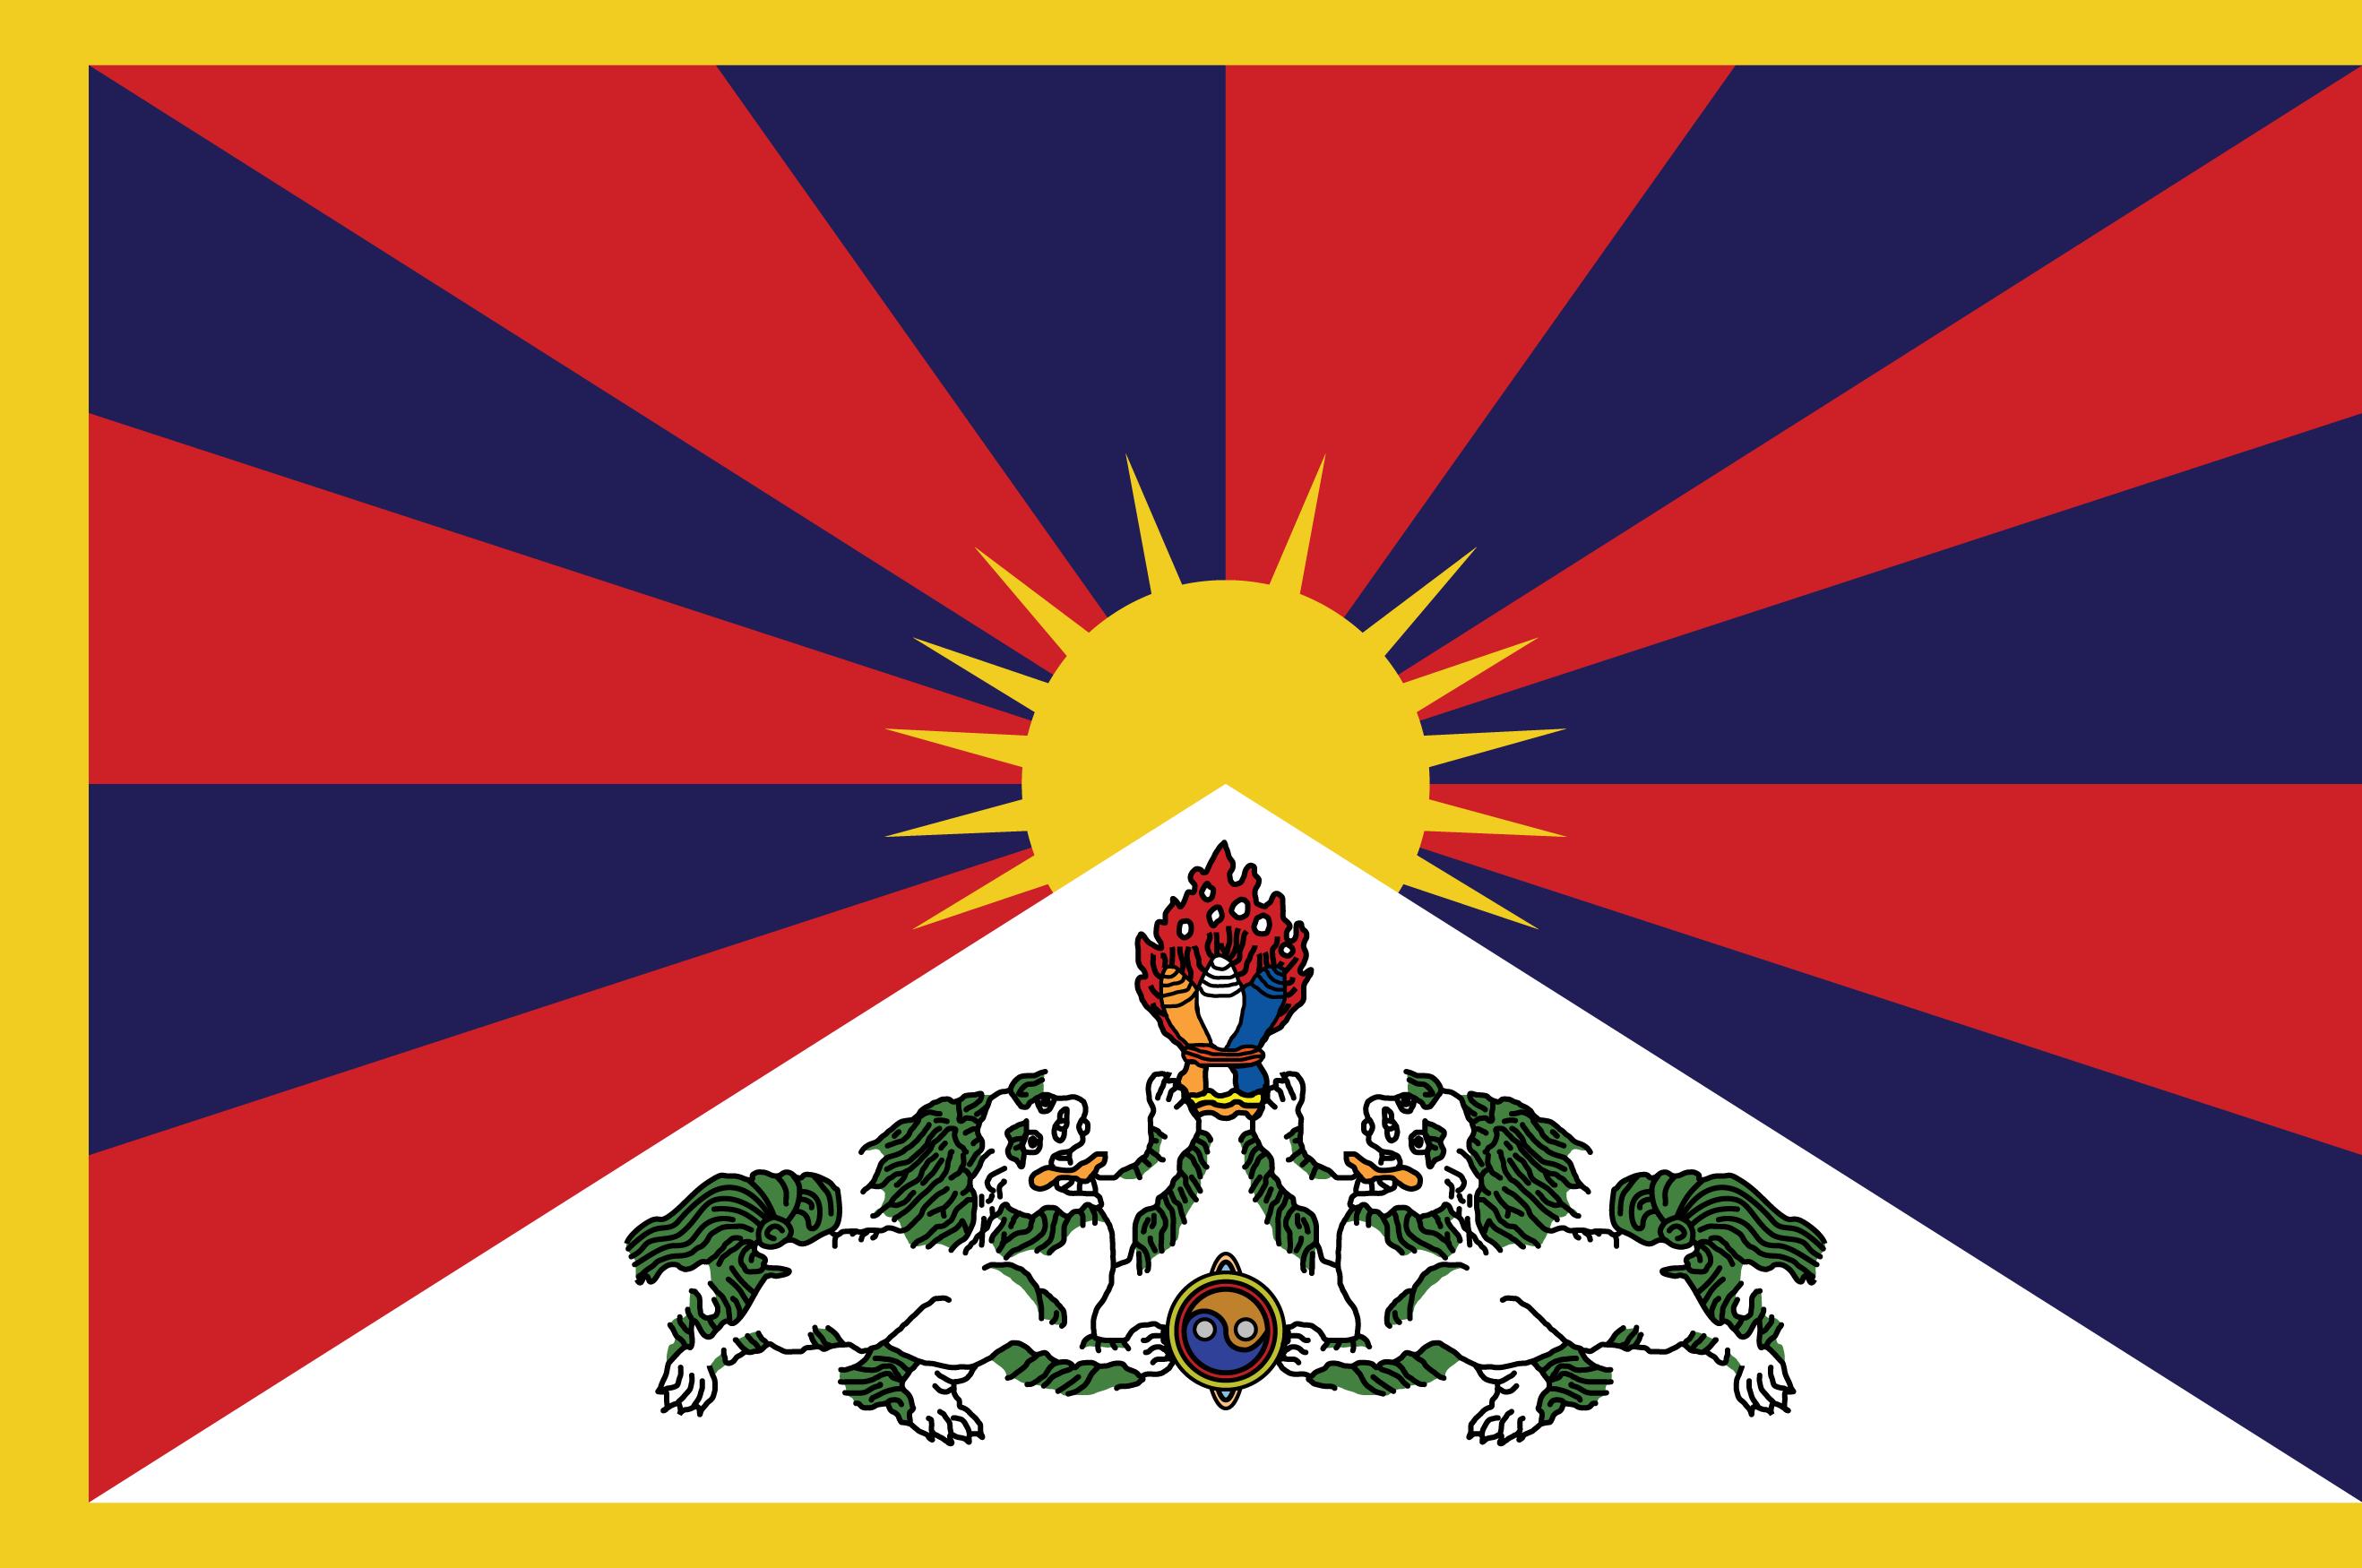 Výsledek obrázku pro tibetská vlajka